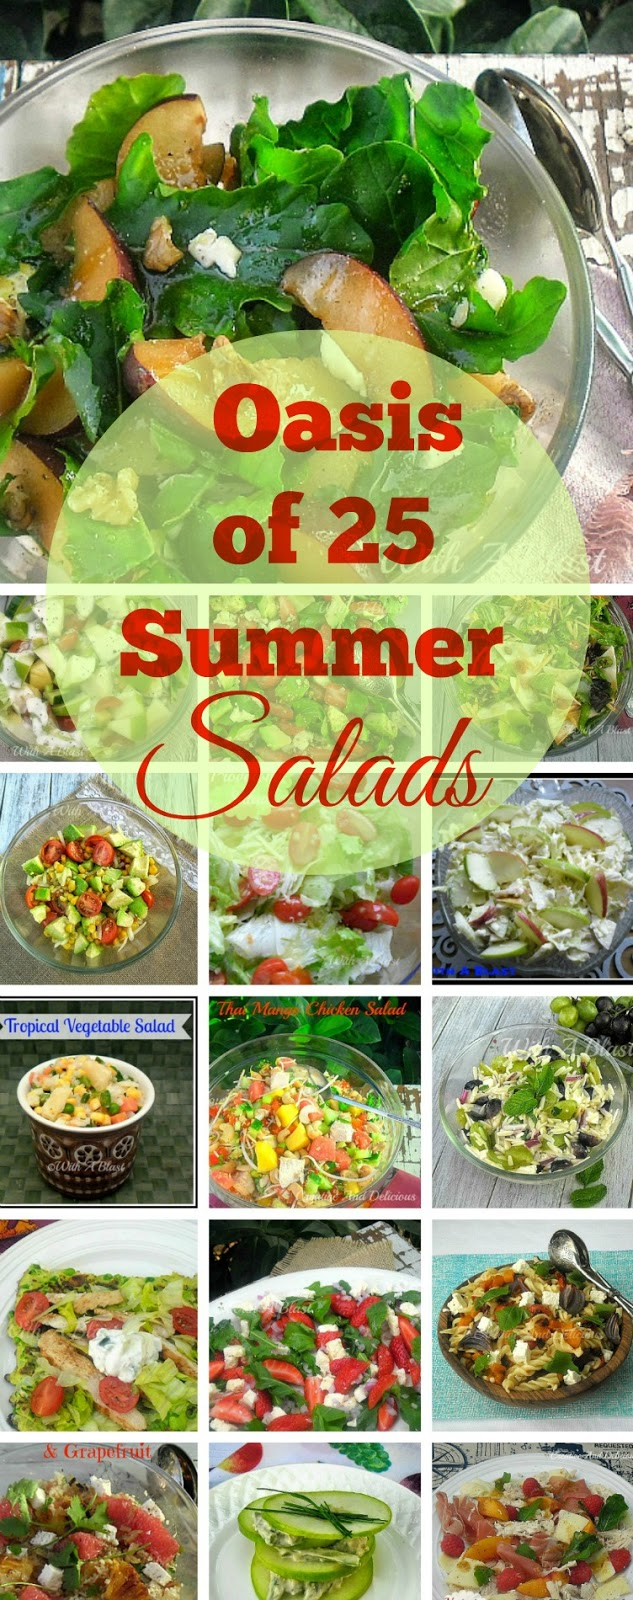 An Oasis of 25 Summer Salads